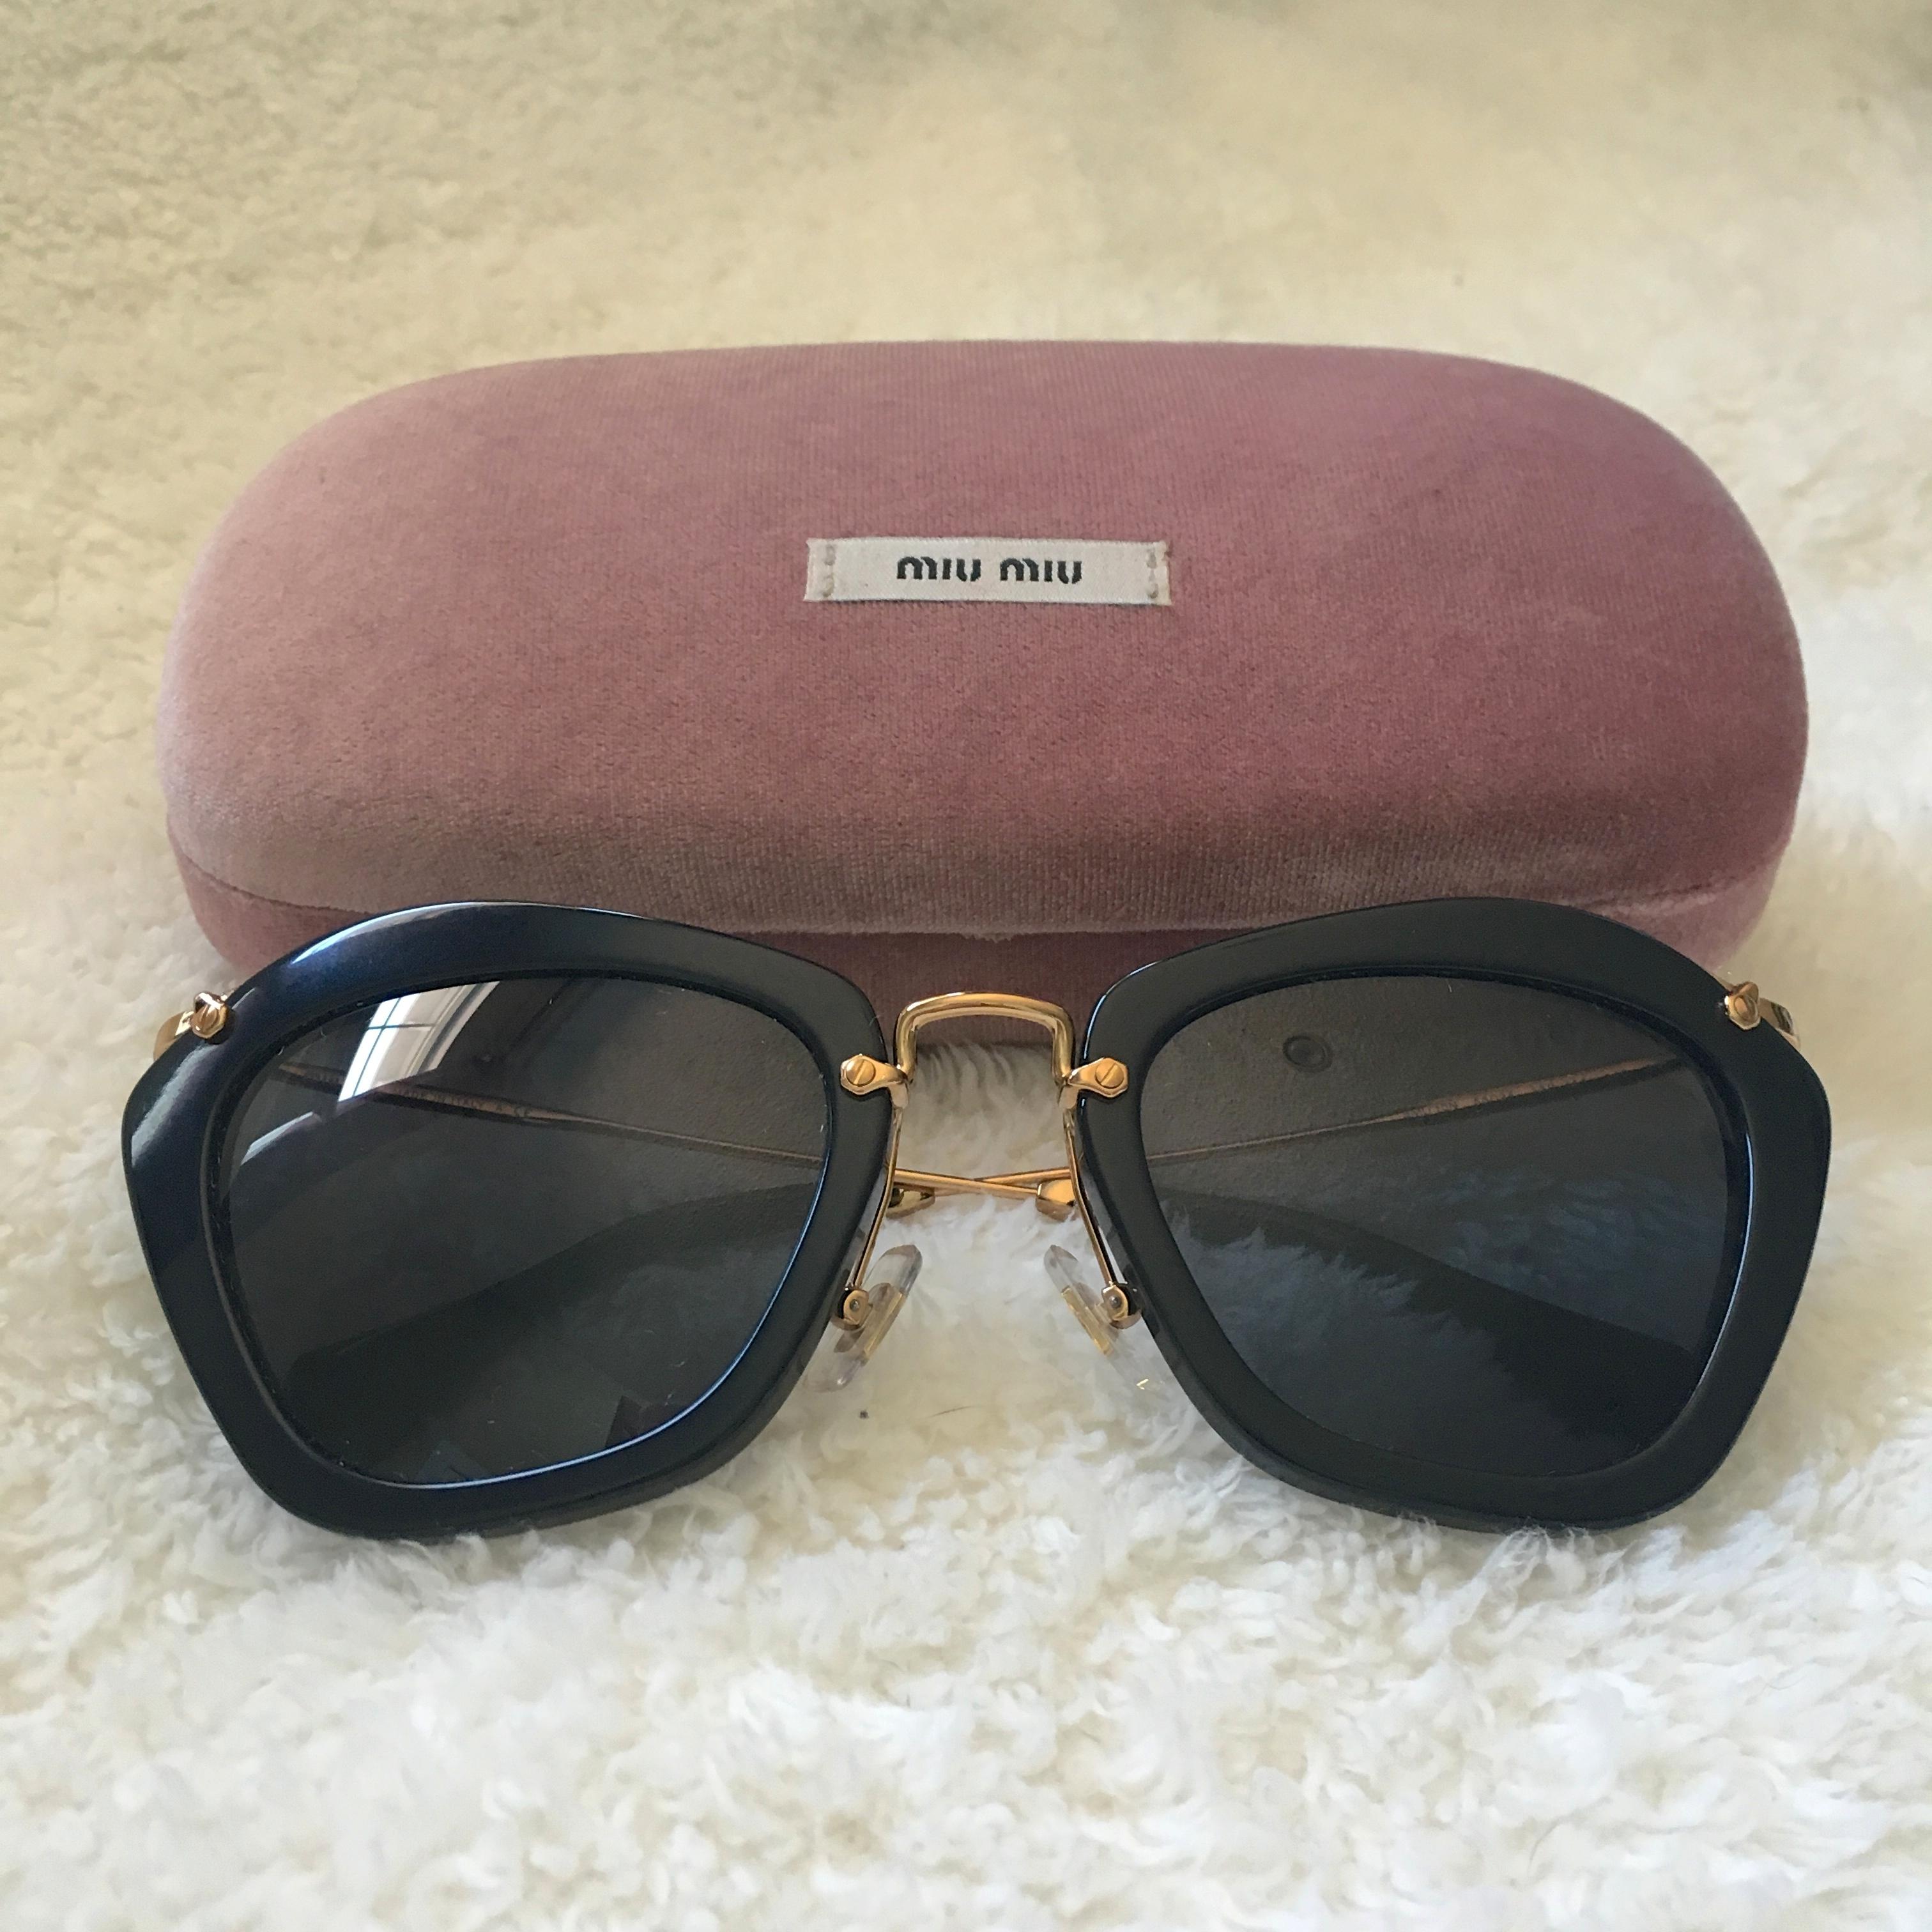 8caec977cf3f Miu Miu Sunglasses - Shop Ditto